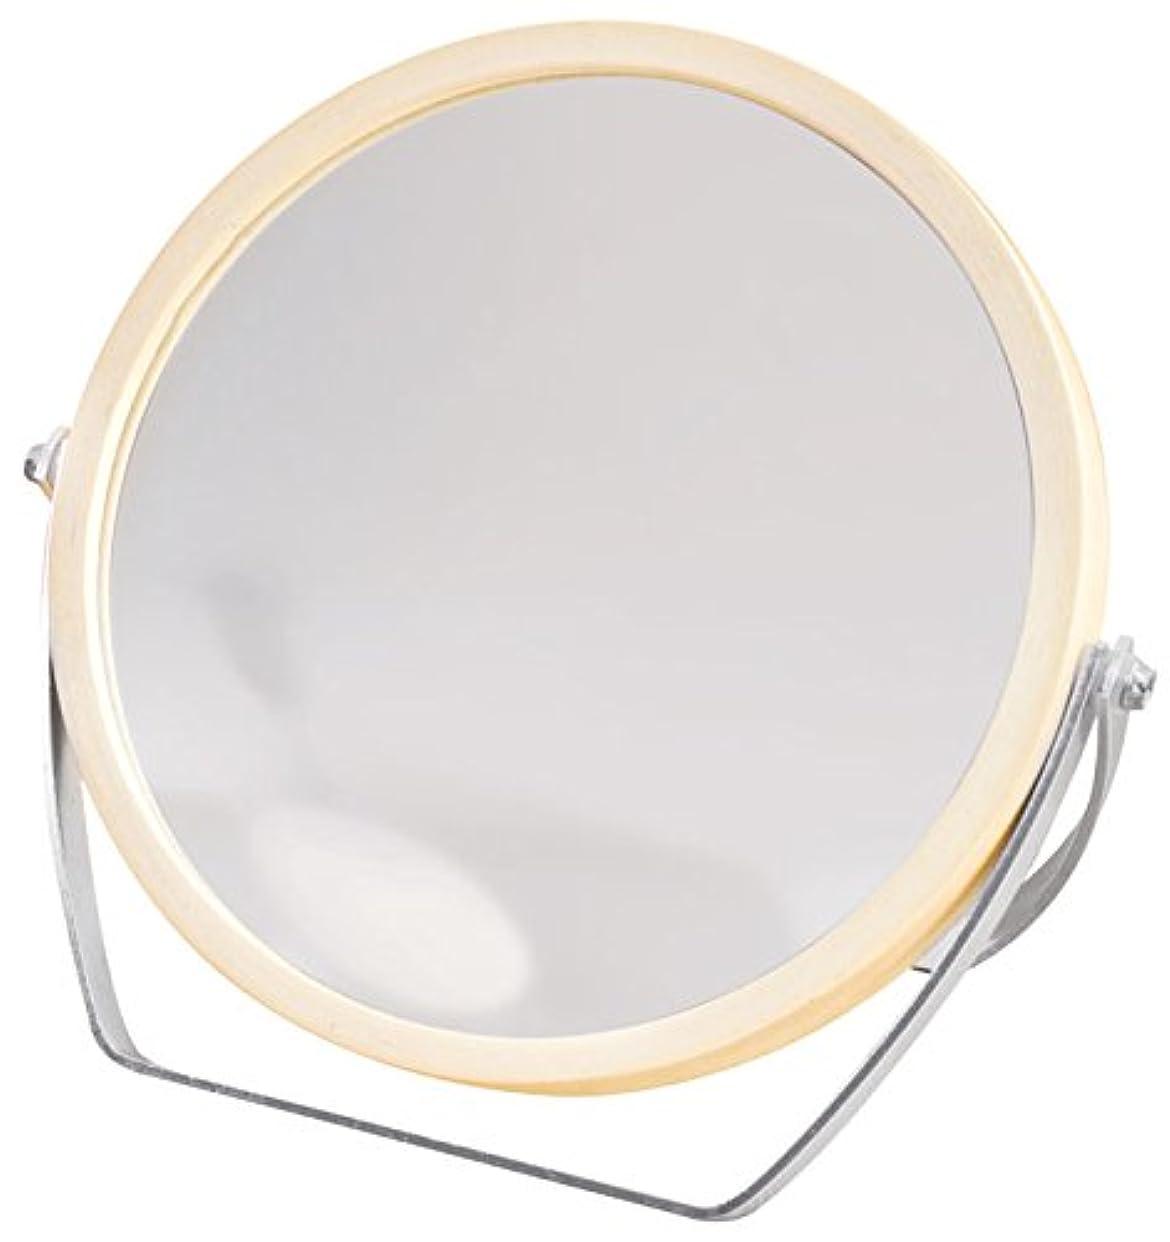 グラフシンポジウム歌うウッドフレーム 2WAY 5倍拡大鏡付 両面 卓上ミラー (ロースタンドタイプ) ナチュラル YWM-1